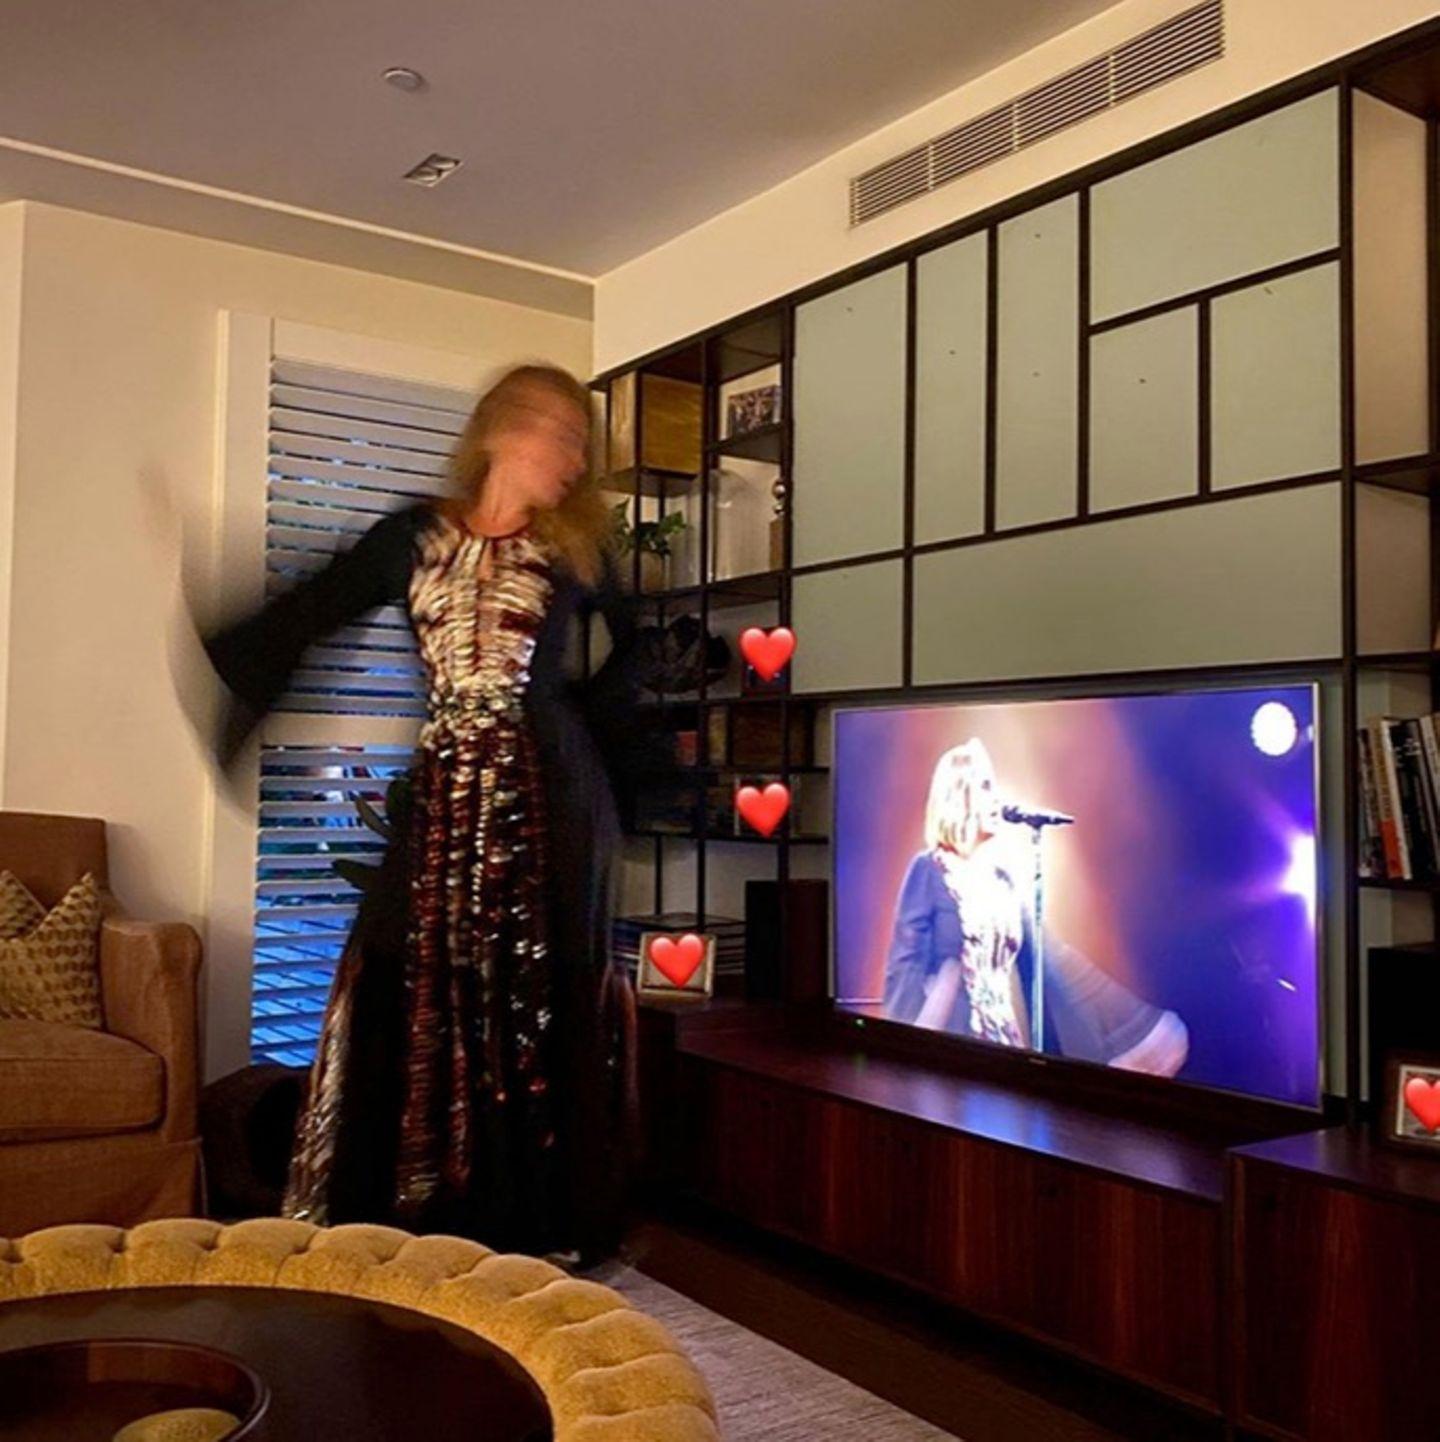 So sieht es also aus, wenn Adele zu ihren eigenen Auftritten abfeiert. Im Wohnzimmer tanzt die Sängerin ausgelassen, während wir einen Blick auf die opulente Wohnwand, den Wohnzimmertisch und auf einStück ihres Sofas erhaschen.